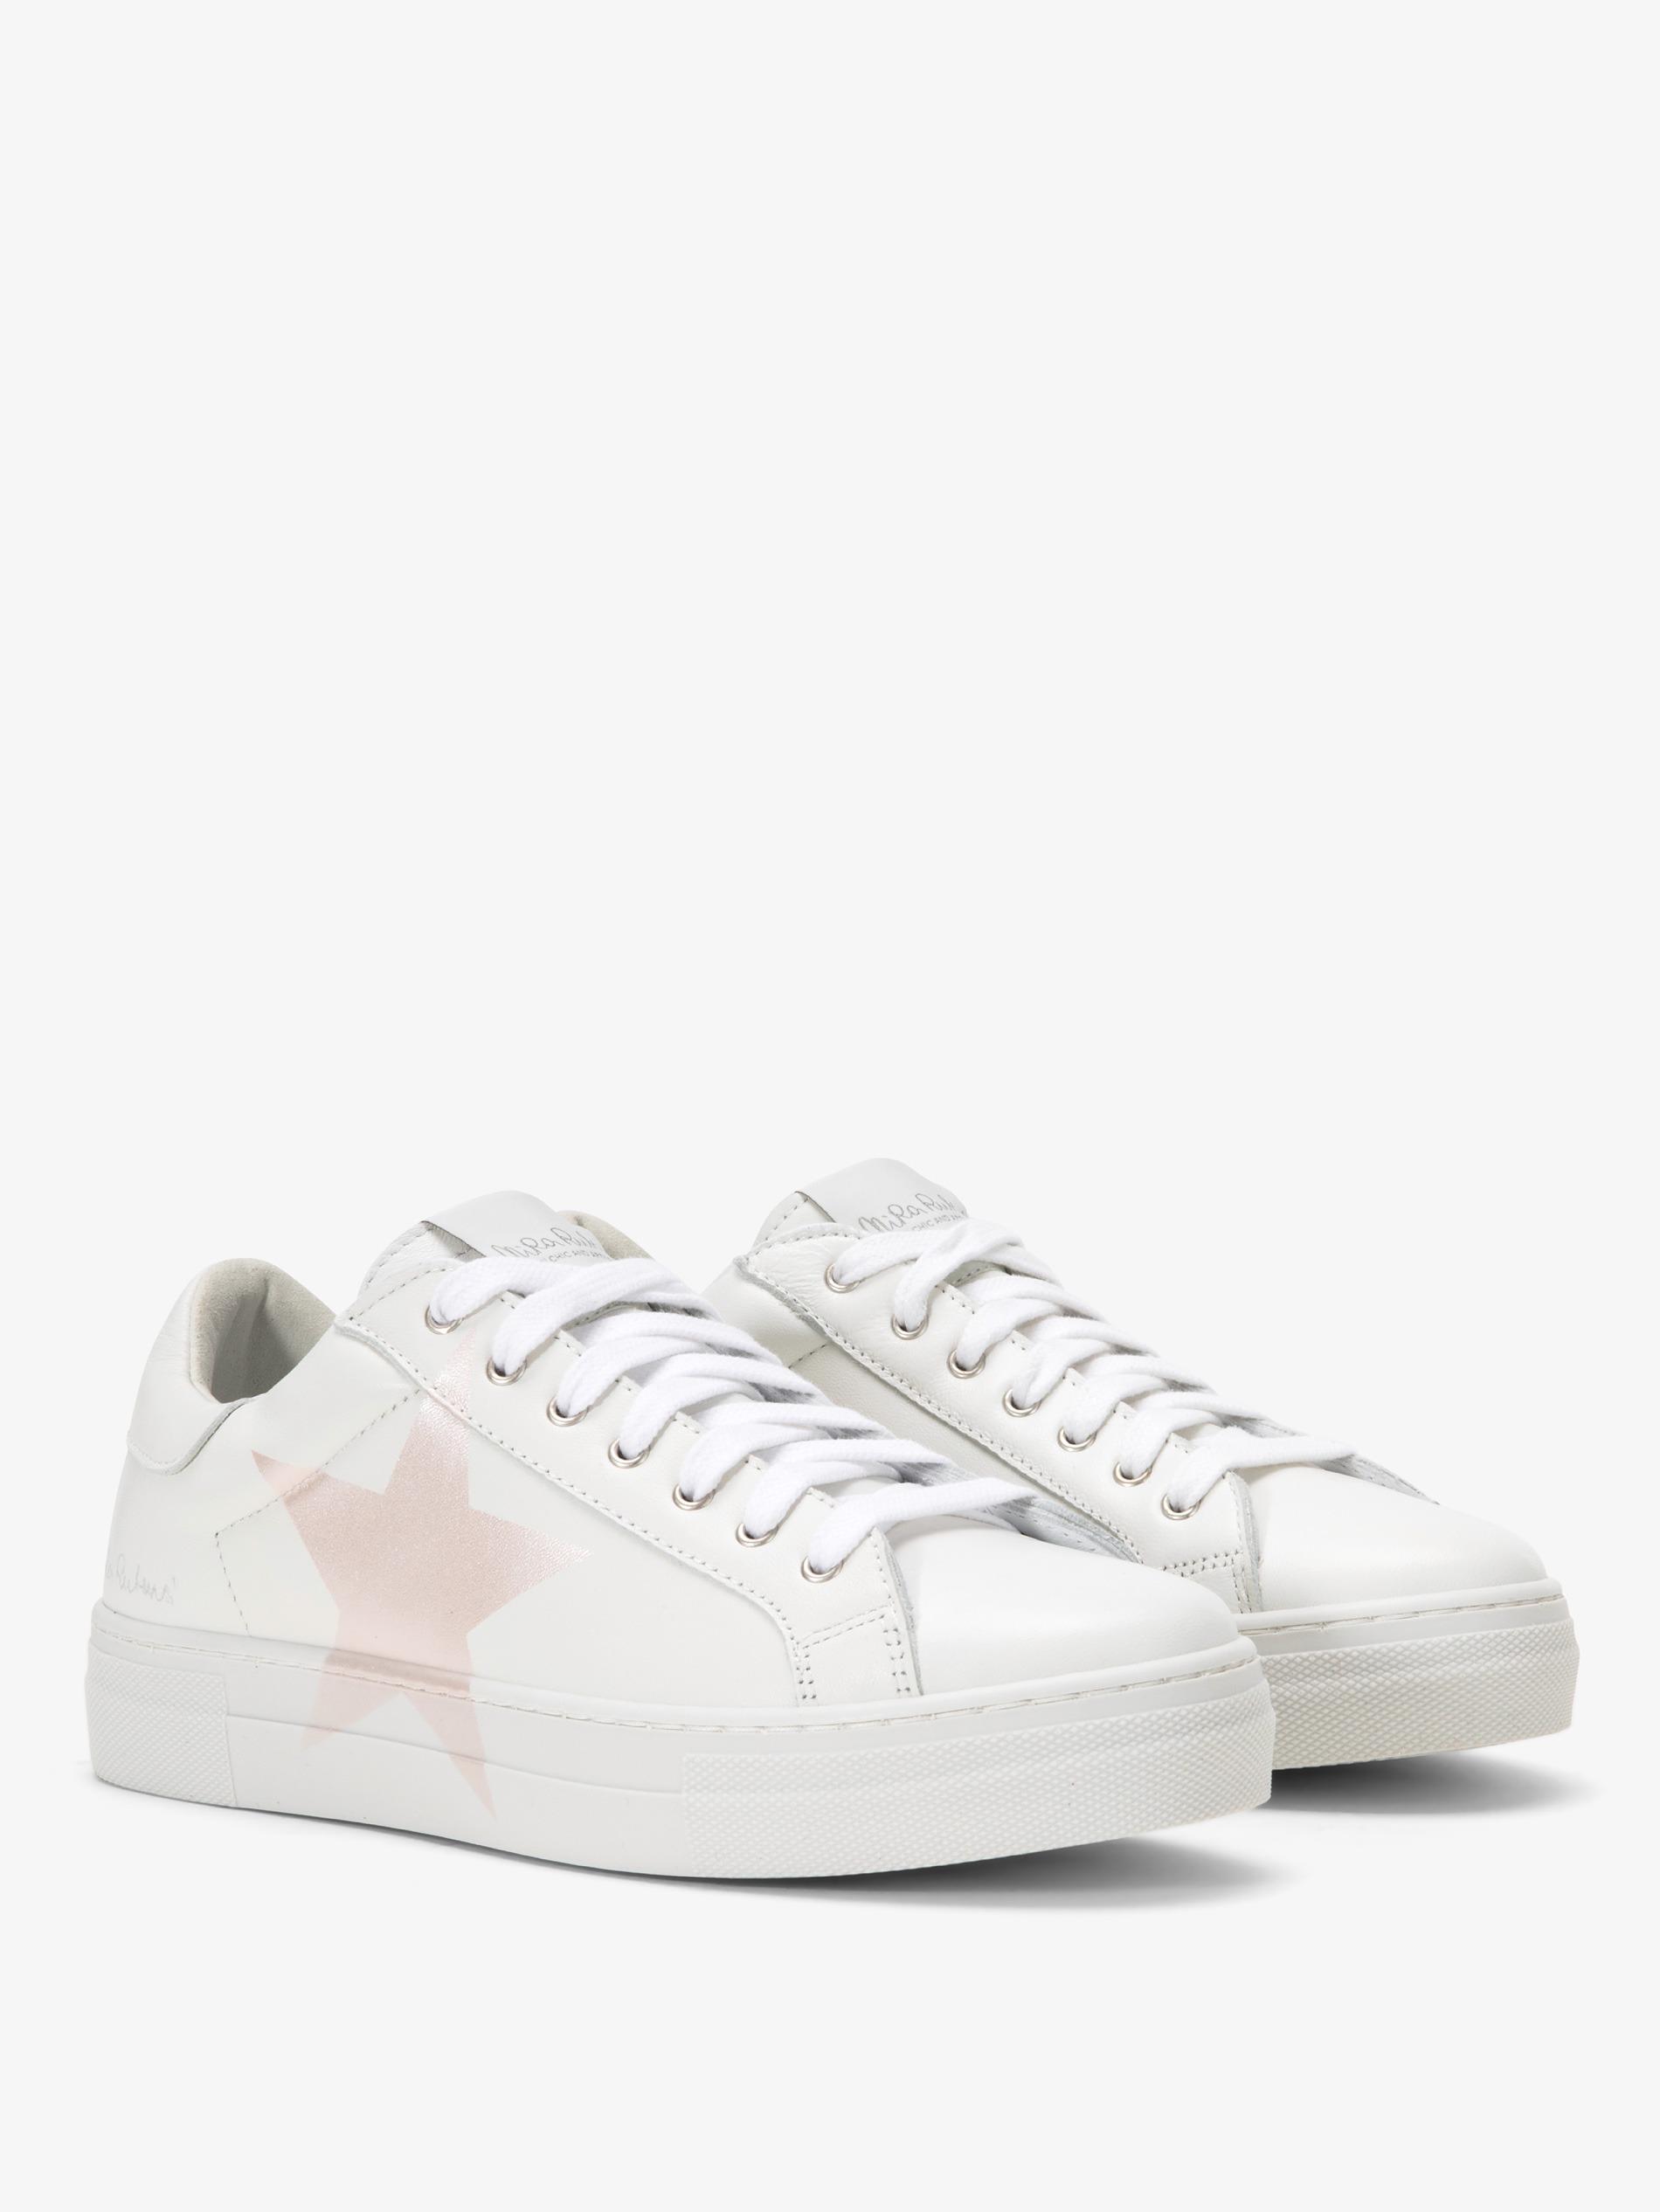 71fc9202db Sneakers bianche con suola alta bianche con stella rose madreperla